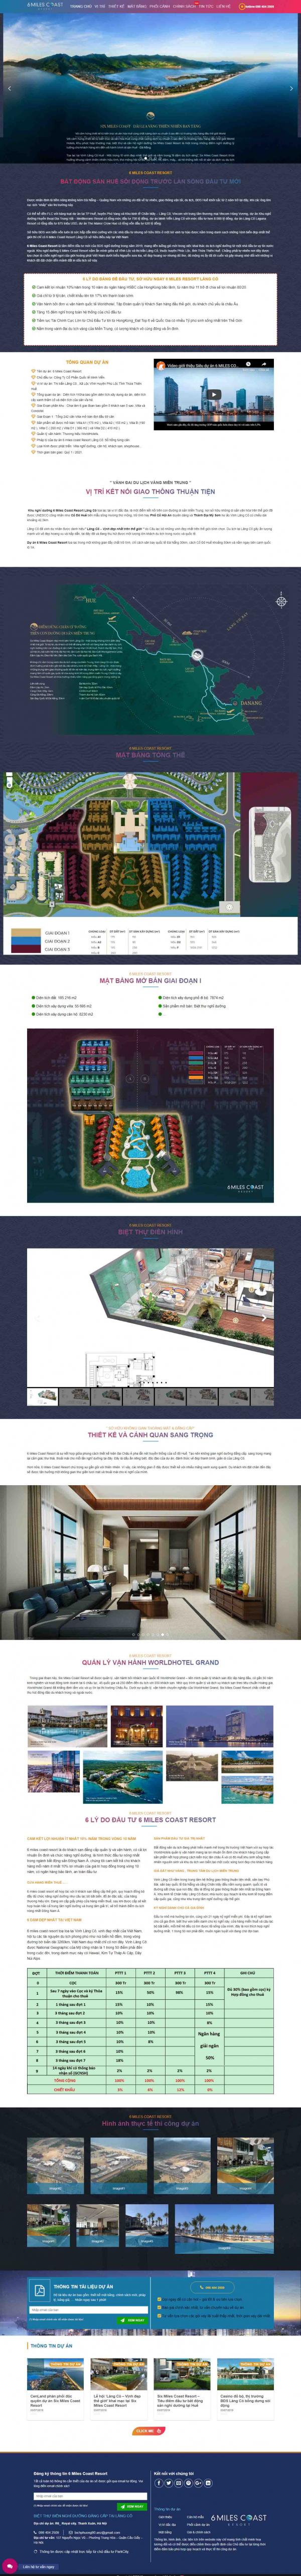 Mẫu giao diện thiết kế website mua bán nhà đất